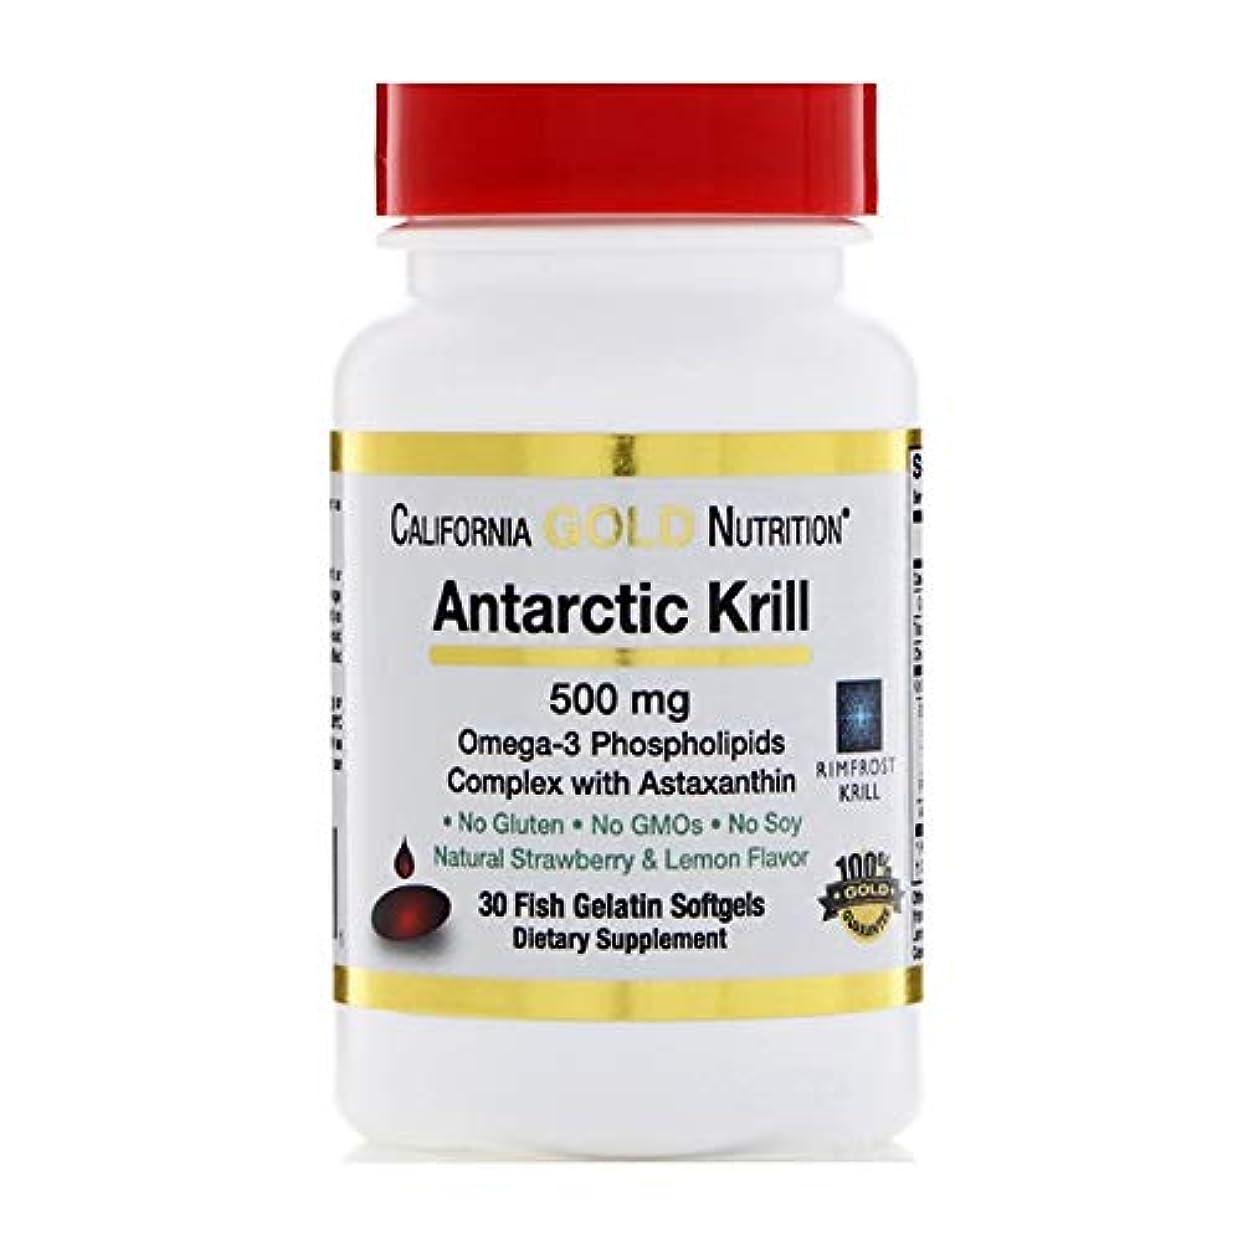 彼女自身ファンネルウェブスパイダーブロッサムCalifornia Gold Nutrition Antarctic Krill Oil アスタキサンチン配合 RIMFROST 天然イチゴ レモン味 500 mg フィッシュゼラチンソフトジェル 30粒 【アメリカ直送】